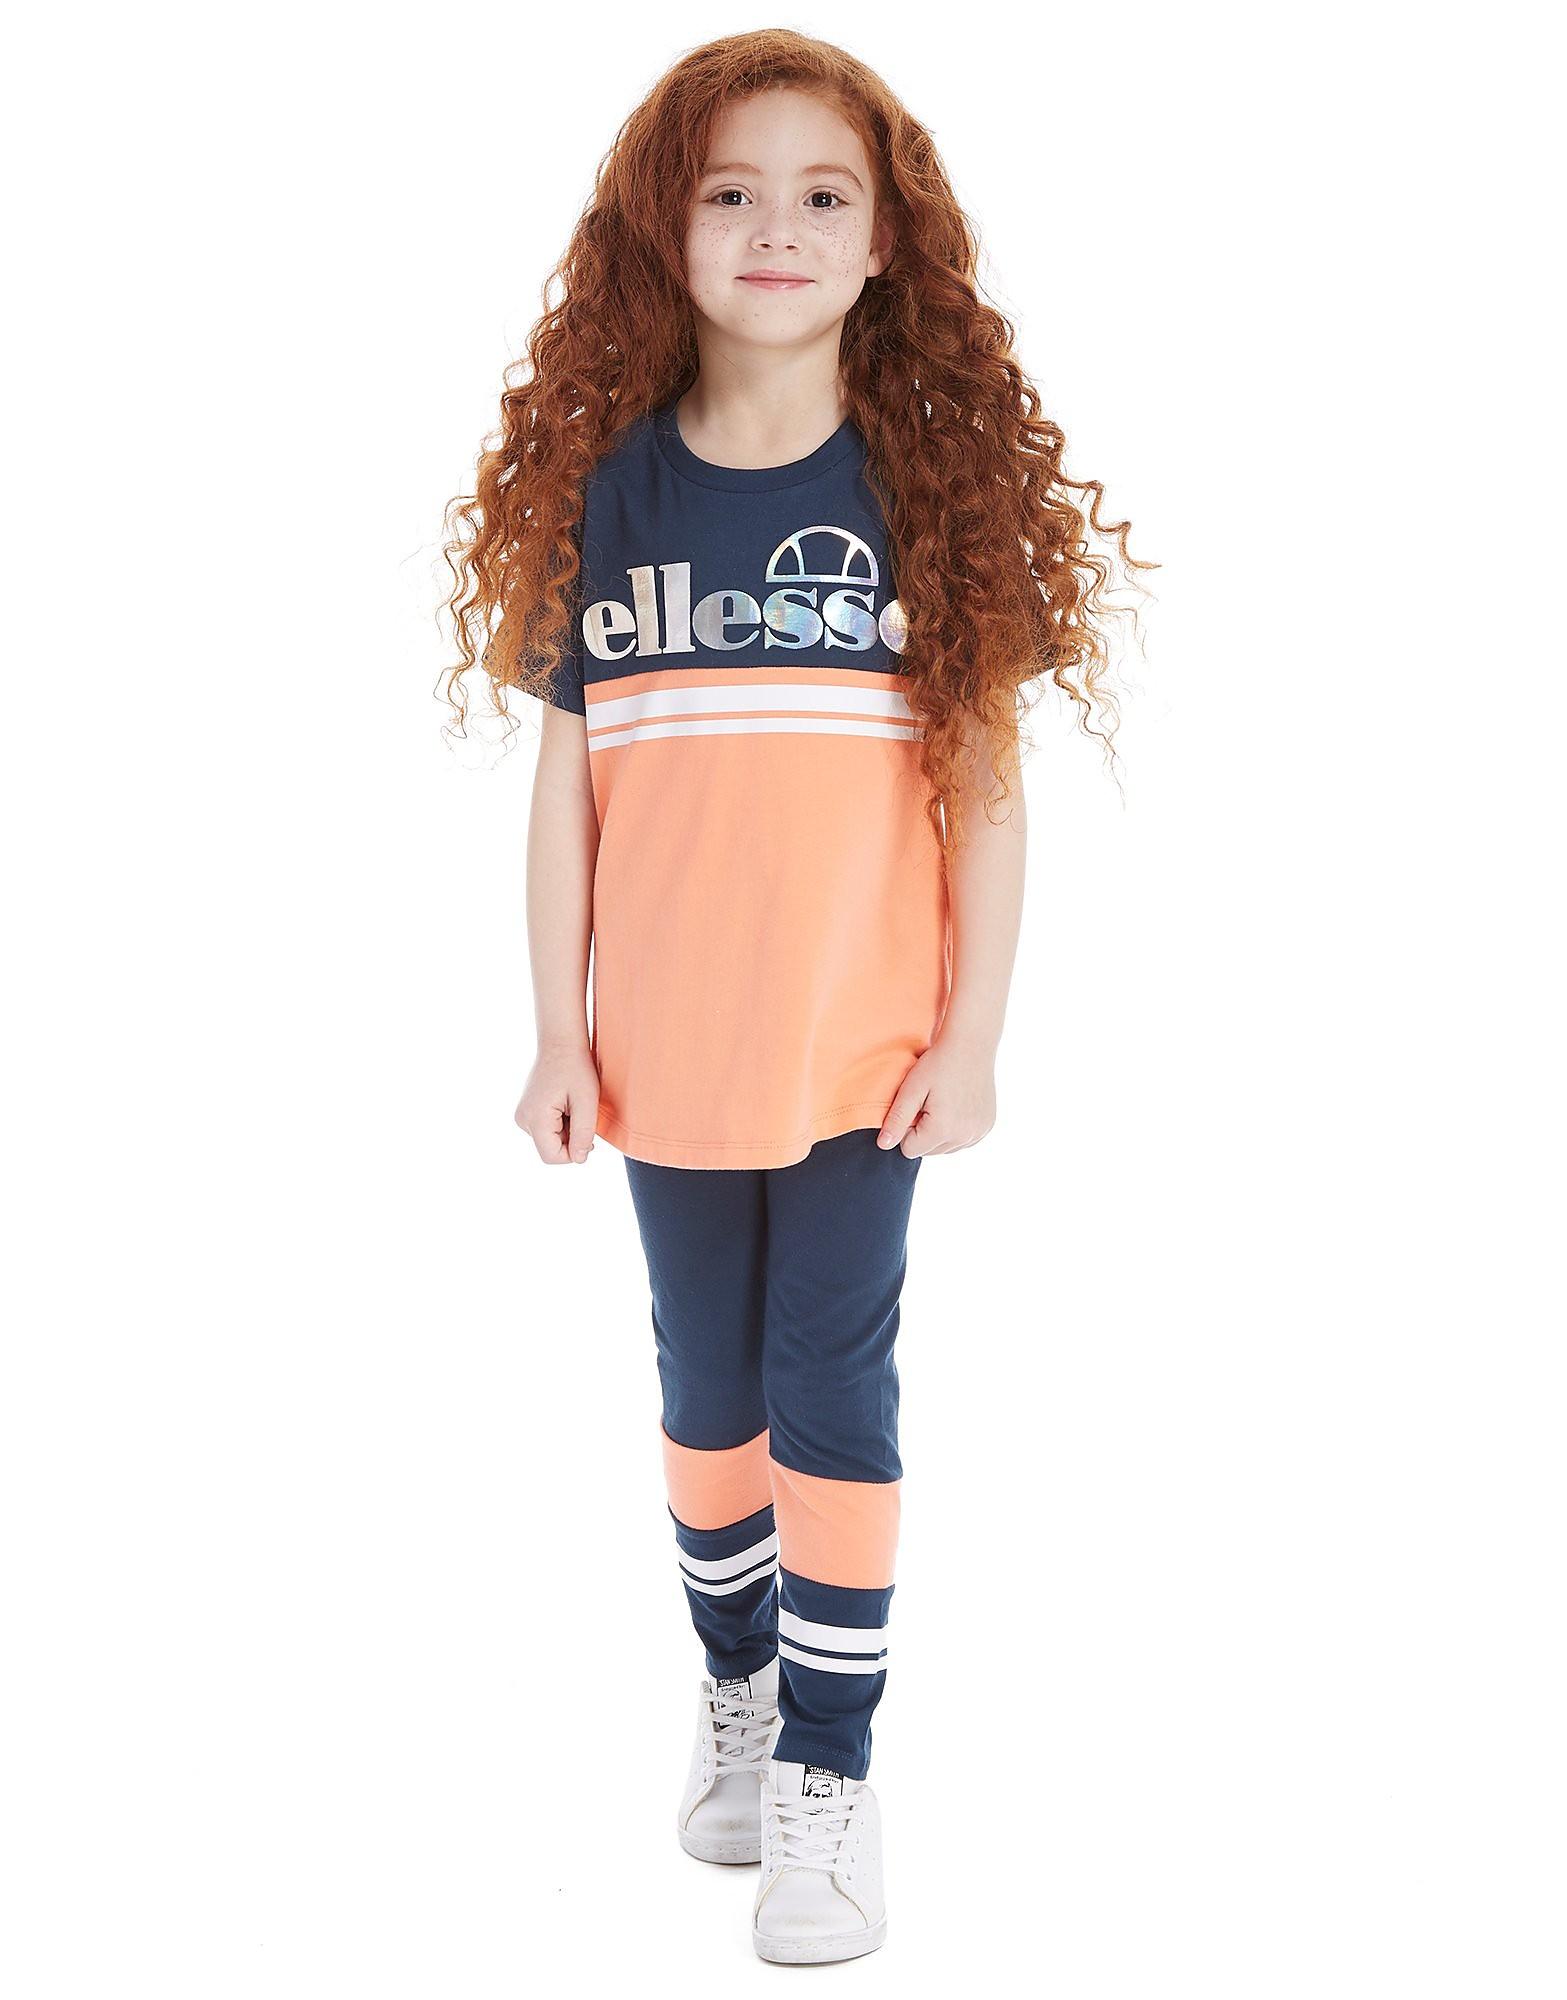 Ellesse Girls' Ione T-Shirt Children